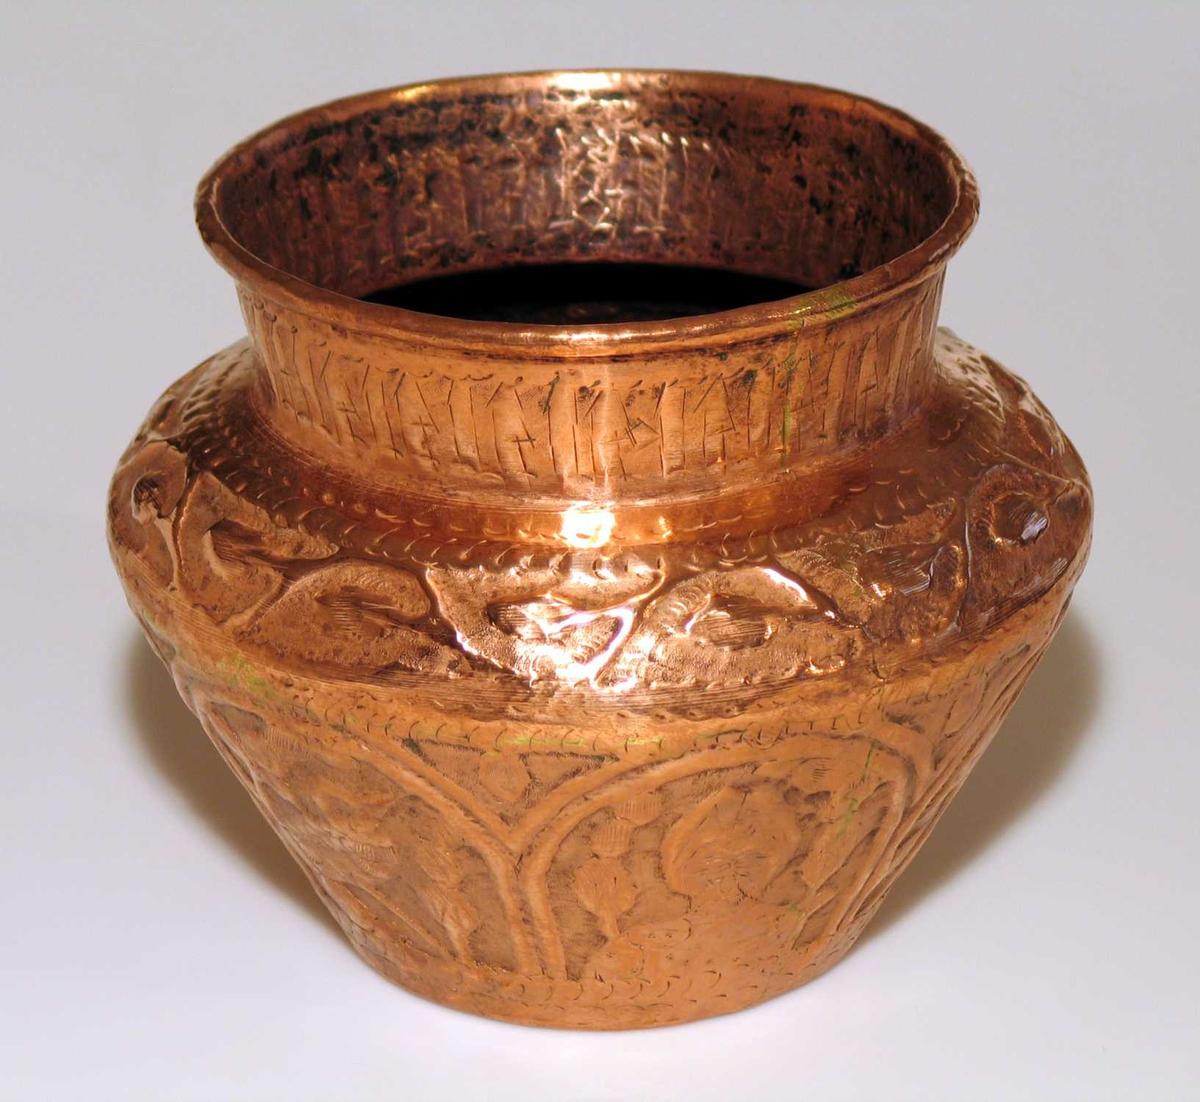 Urne i kobber med uthamret dekor i form av bladverk, dyr og hoder.